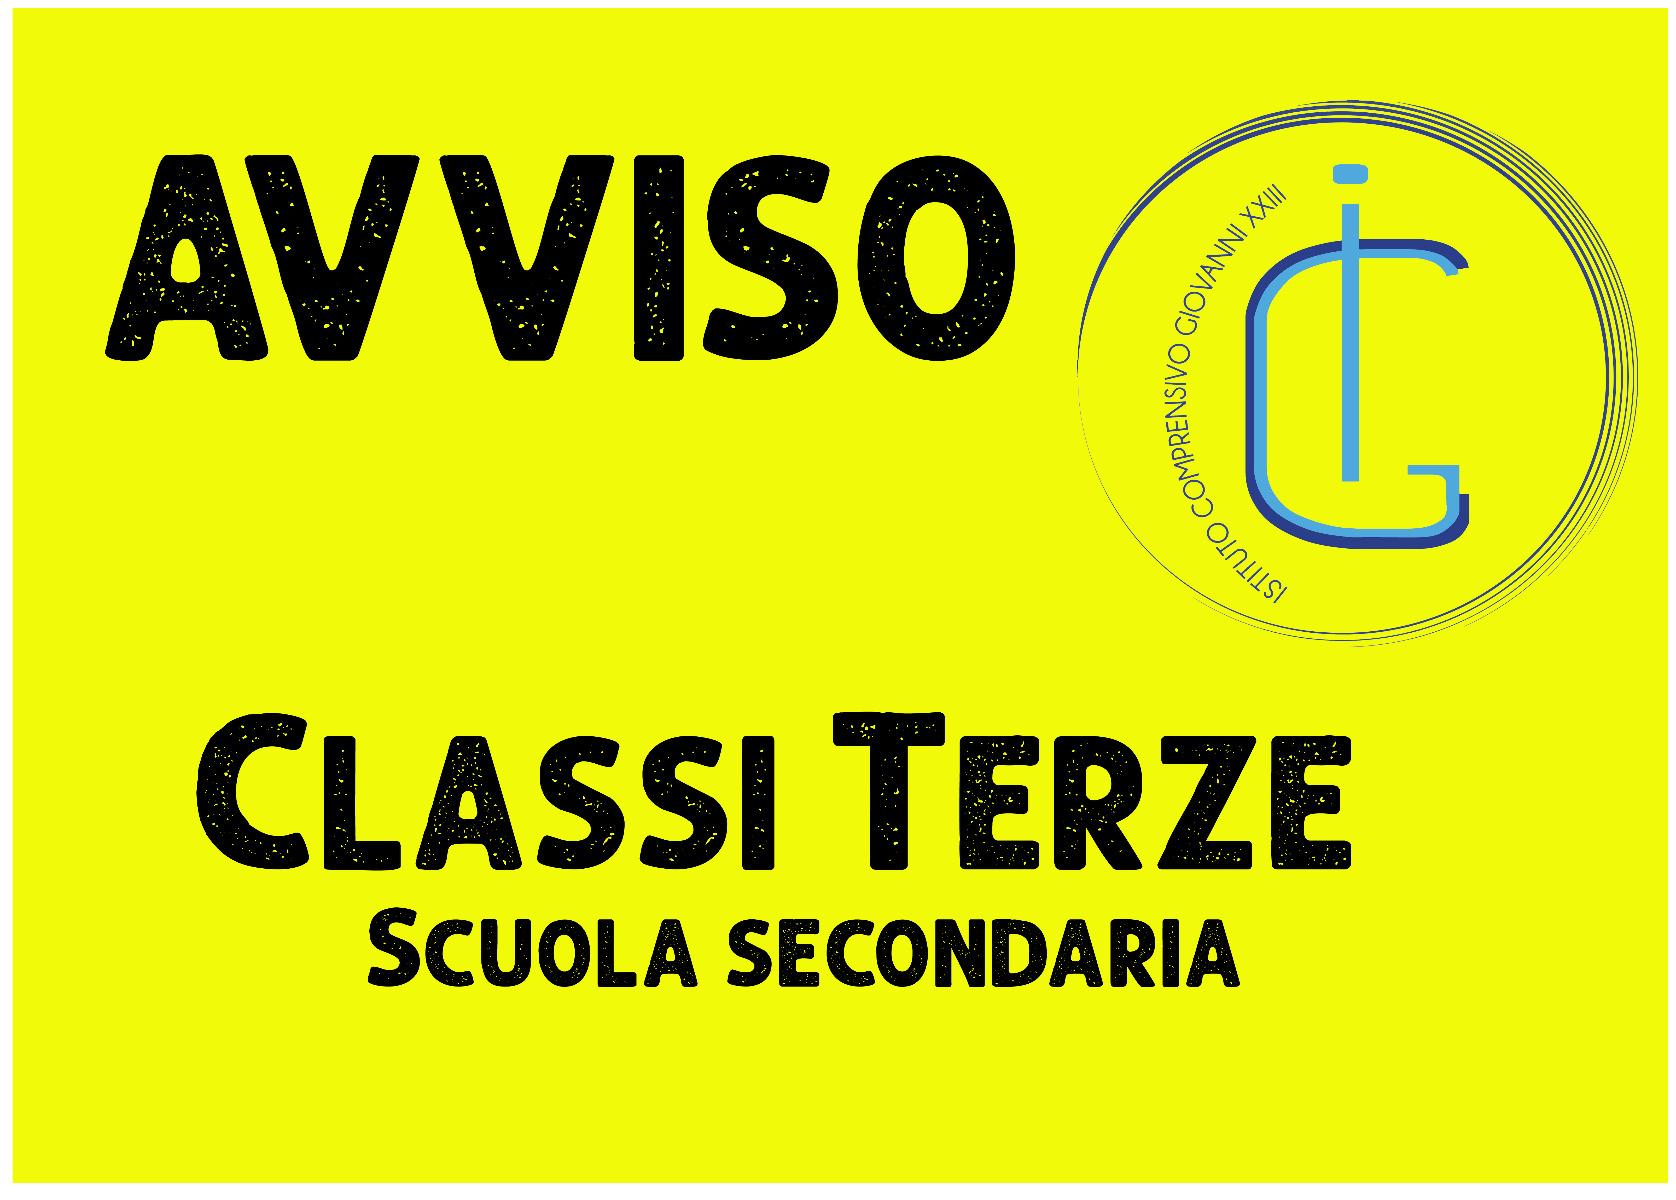 Sospensione DAD classi terze - Scuola Secondari...